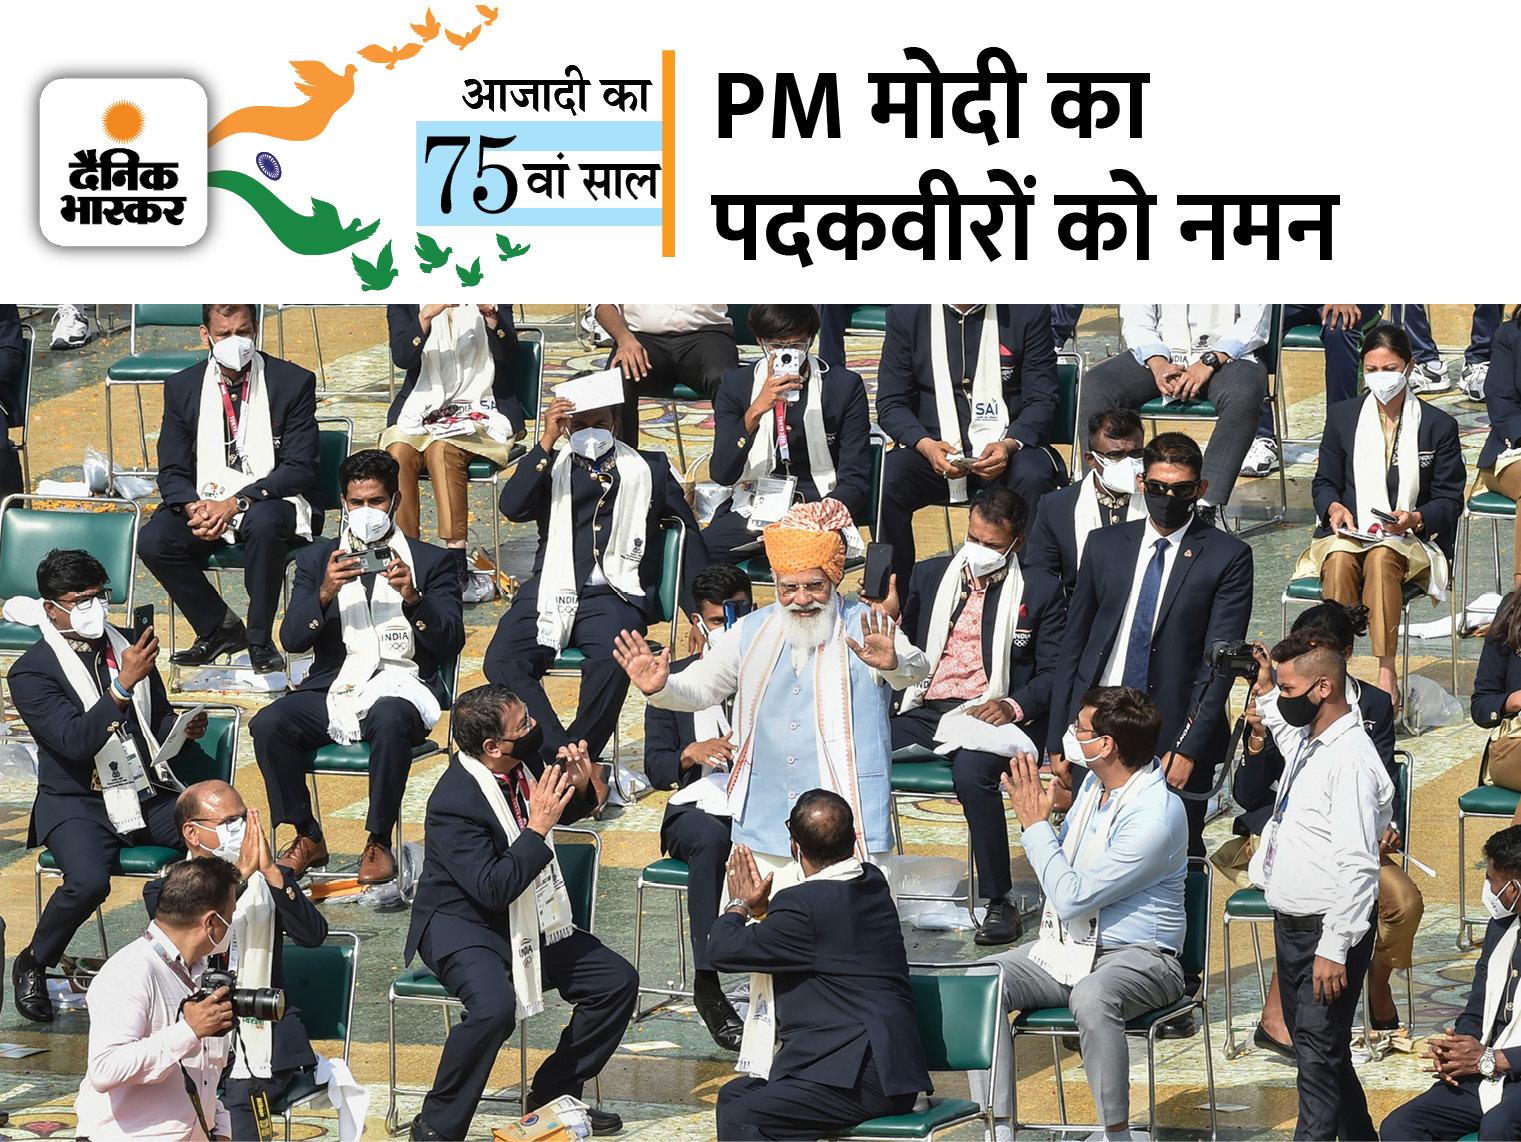 PM मोदी ने कहा- हर भारतीय भारत का नाम रोशन करने वाले खिलाड़ियों के लिए कुछ पल ताली बजाए, इन्होंने युवा पीढ़ी को प्रेरित किया|परफॉर्मेंस (भारत),India Performance - Dainik Bhaskar